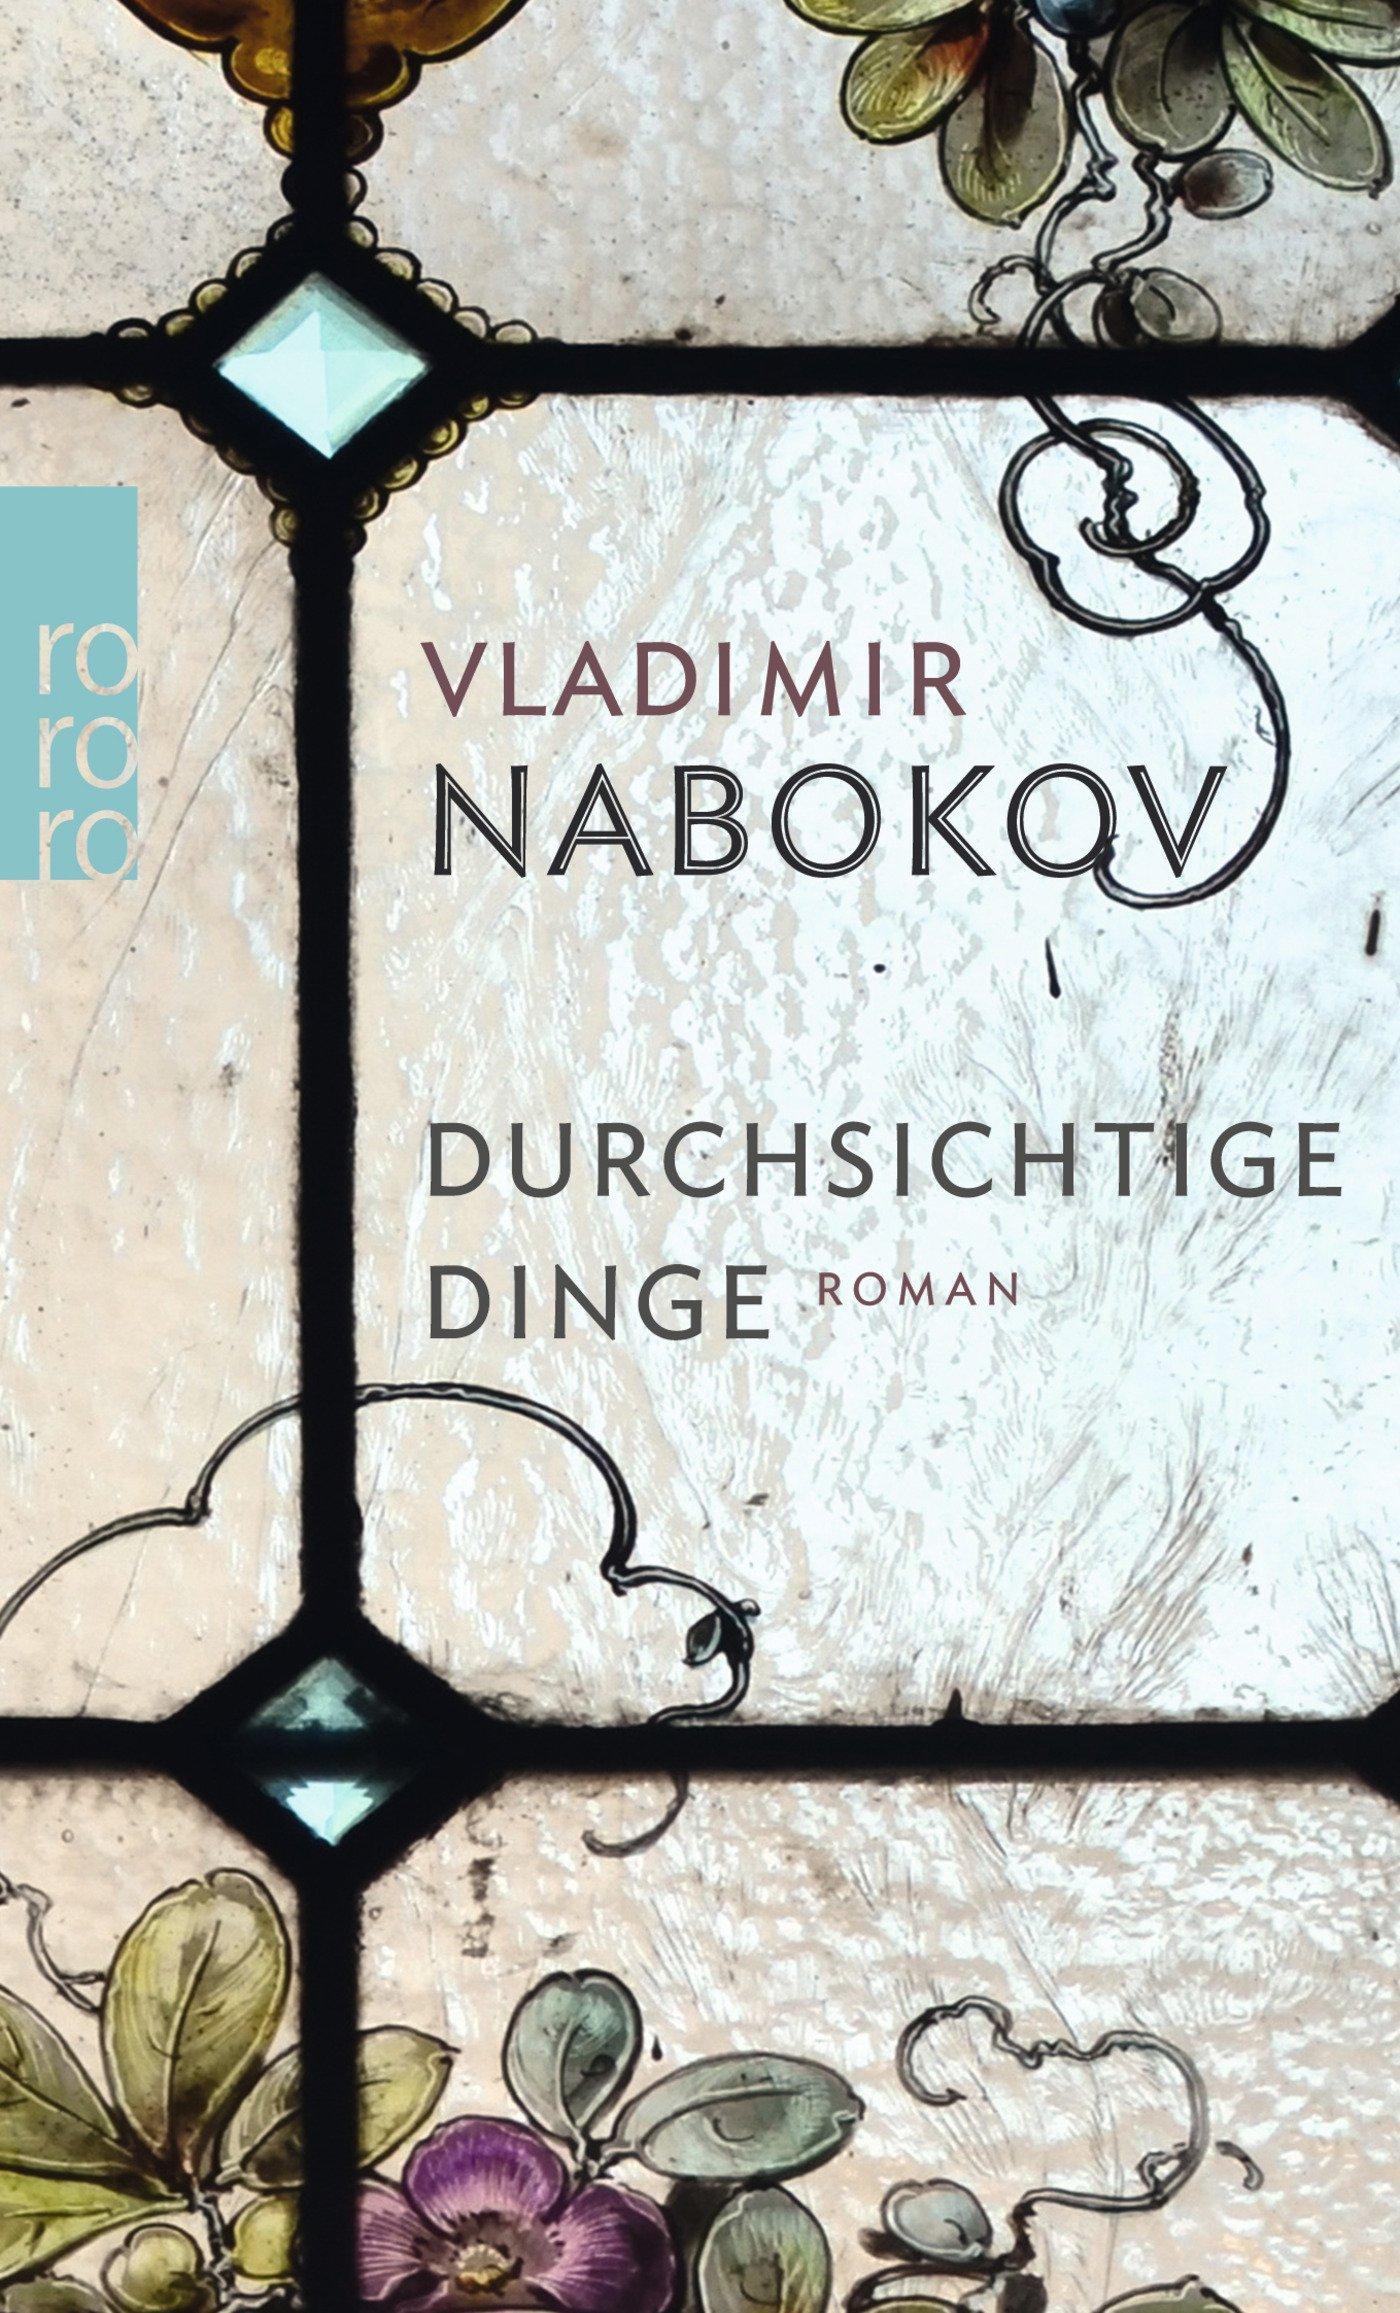 Durchsichtige Dinge: Amazon.de: Vladimir Nabokov, Dieter E. Zimmer ...